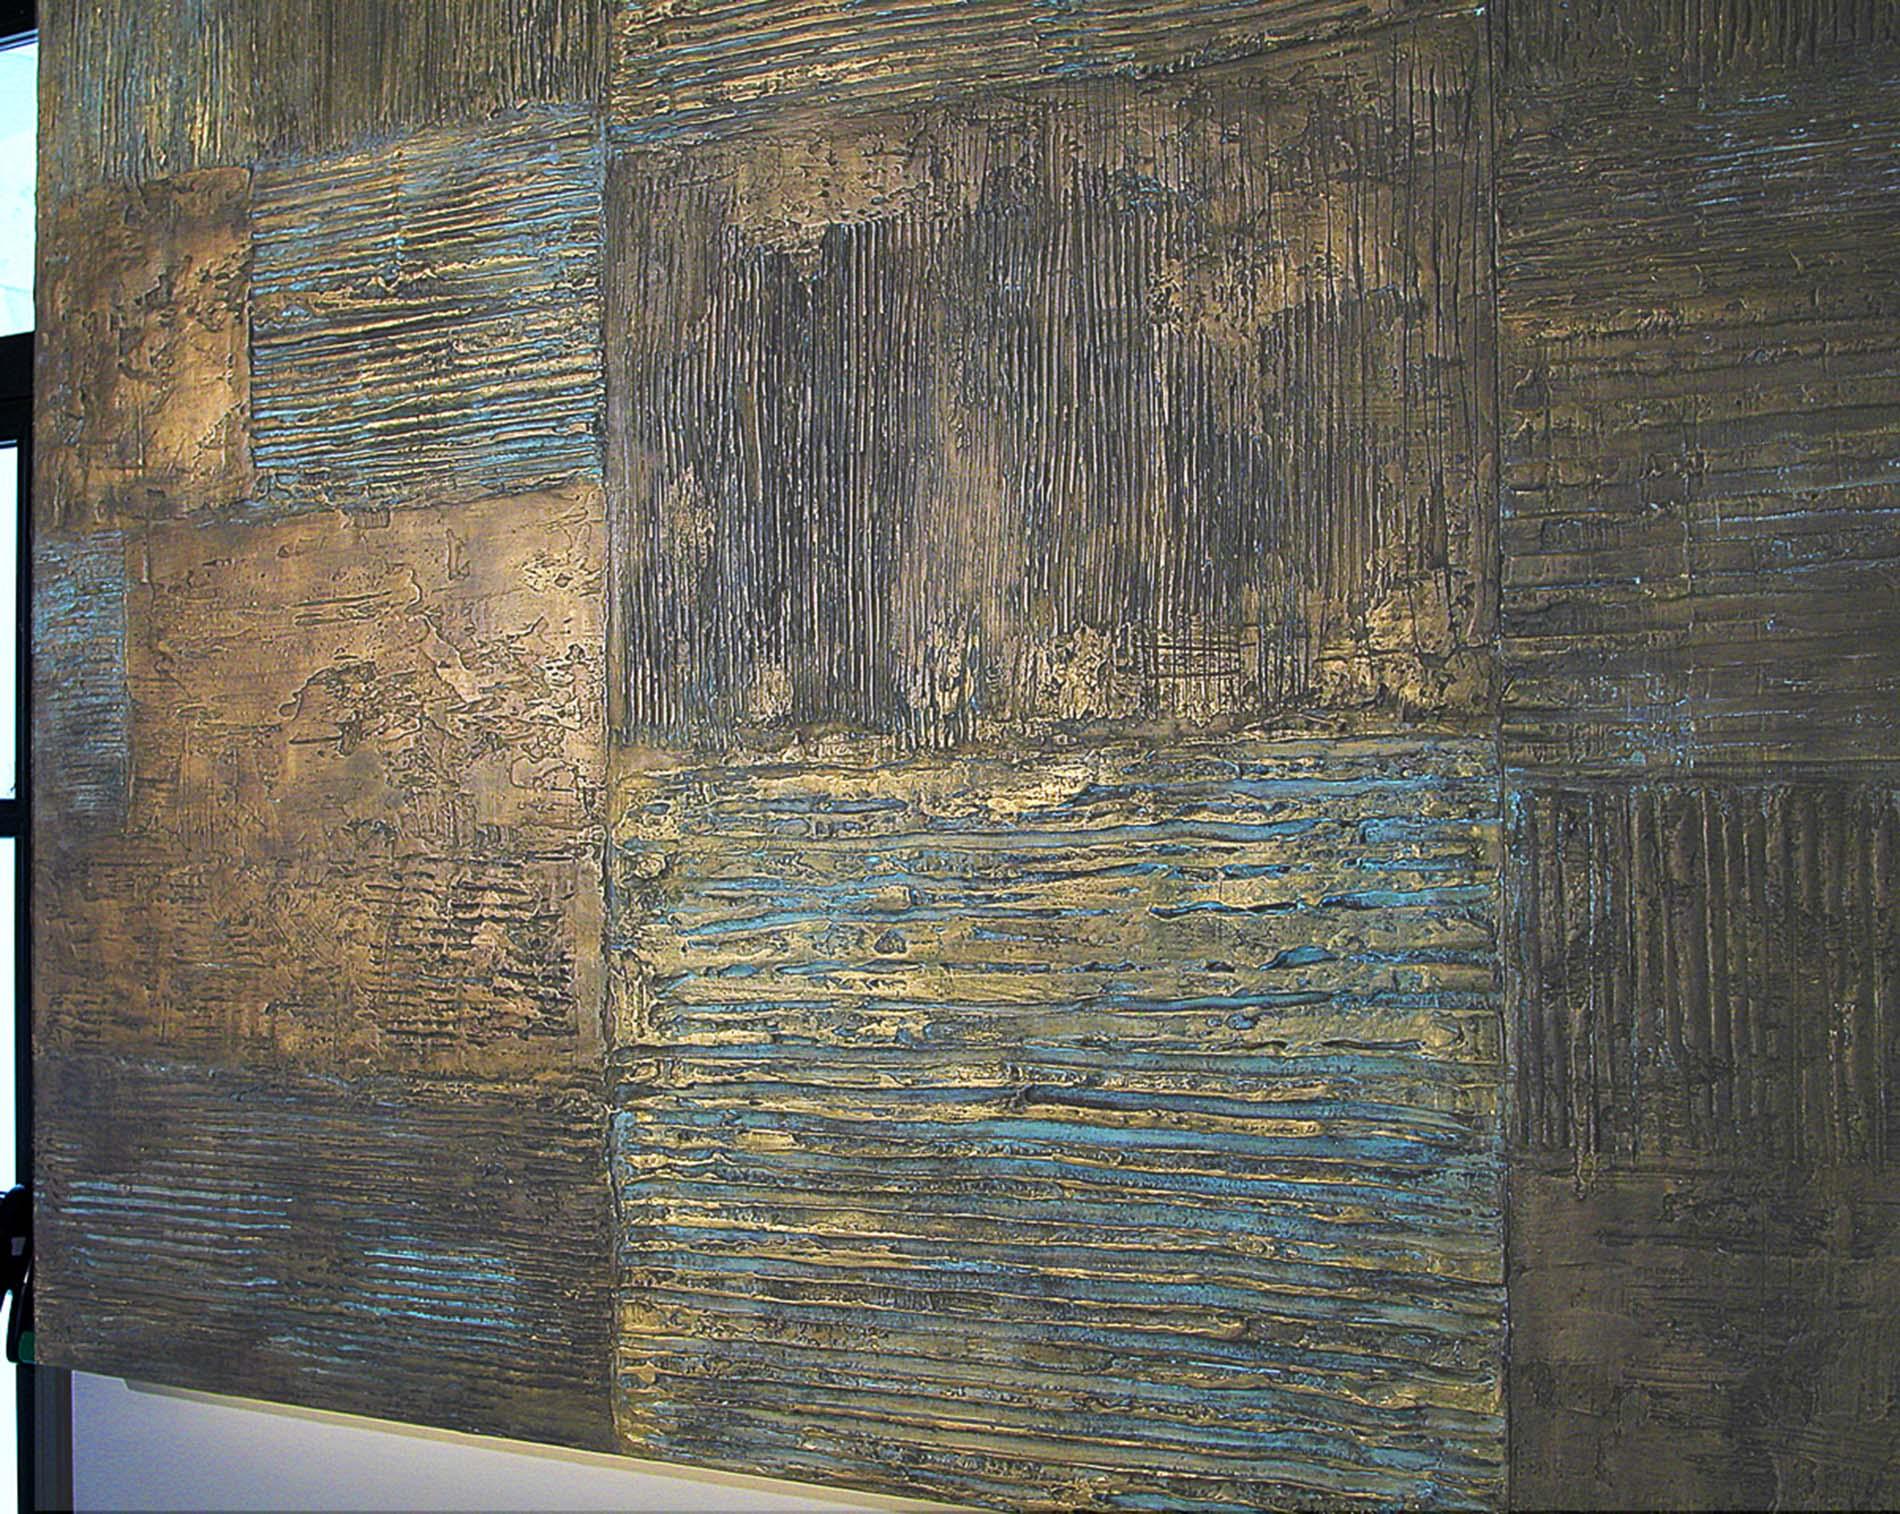 Arature Bronzo 2006 Circolo del Tennis del Foro Italico Roma. Gesso modellato su multistrato. Colorazione con oro. Bronzatura Mq 54